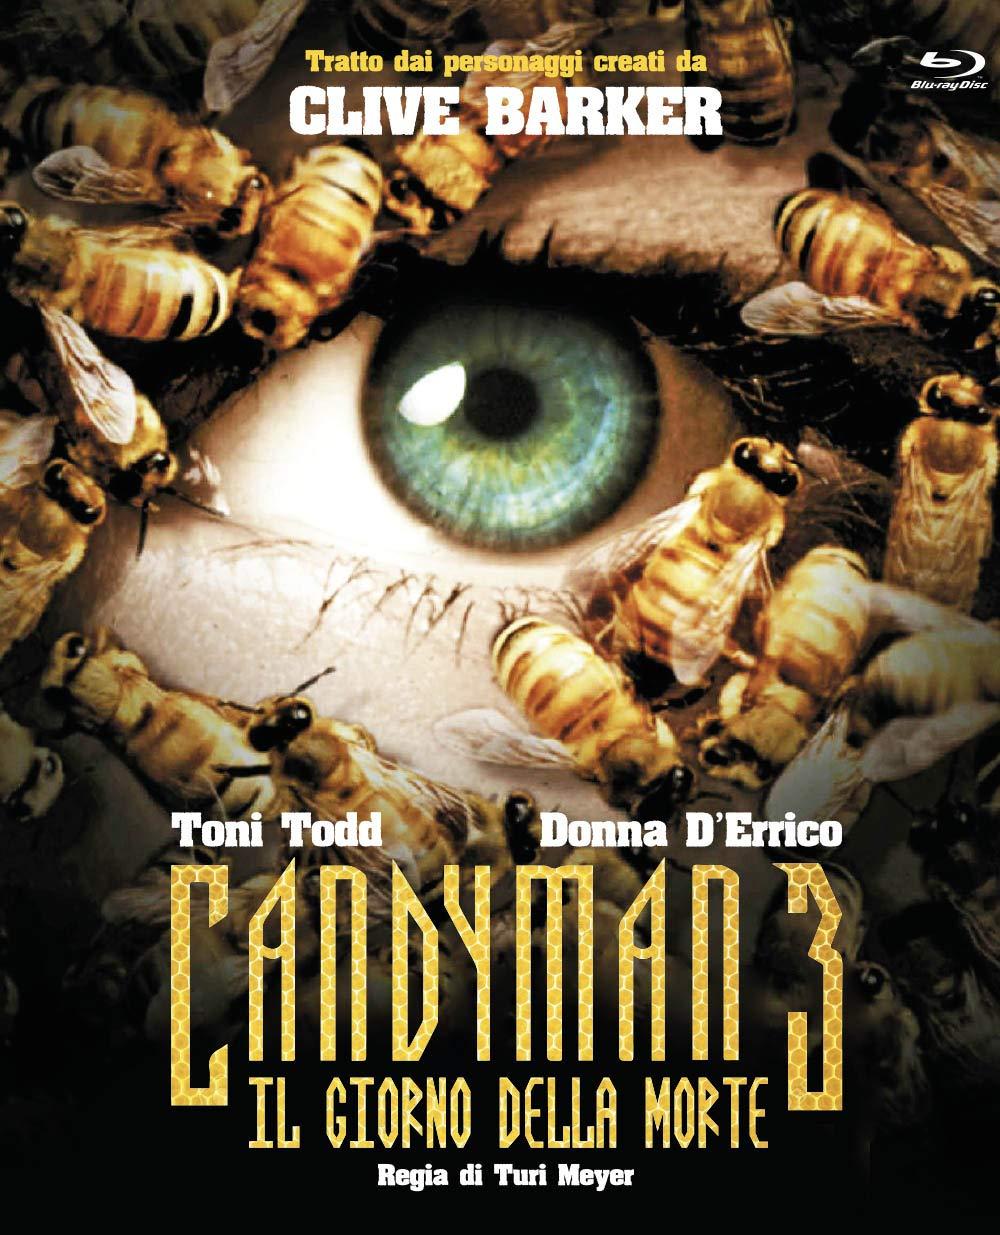 CANDYMAN 3 CANDYMAN - IL GIORNO DELLA MORTE ( IN HD) - BLU RAY